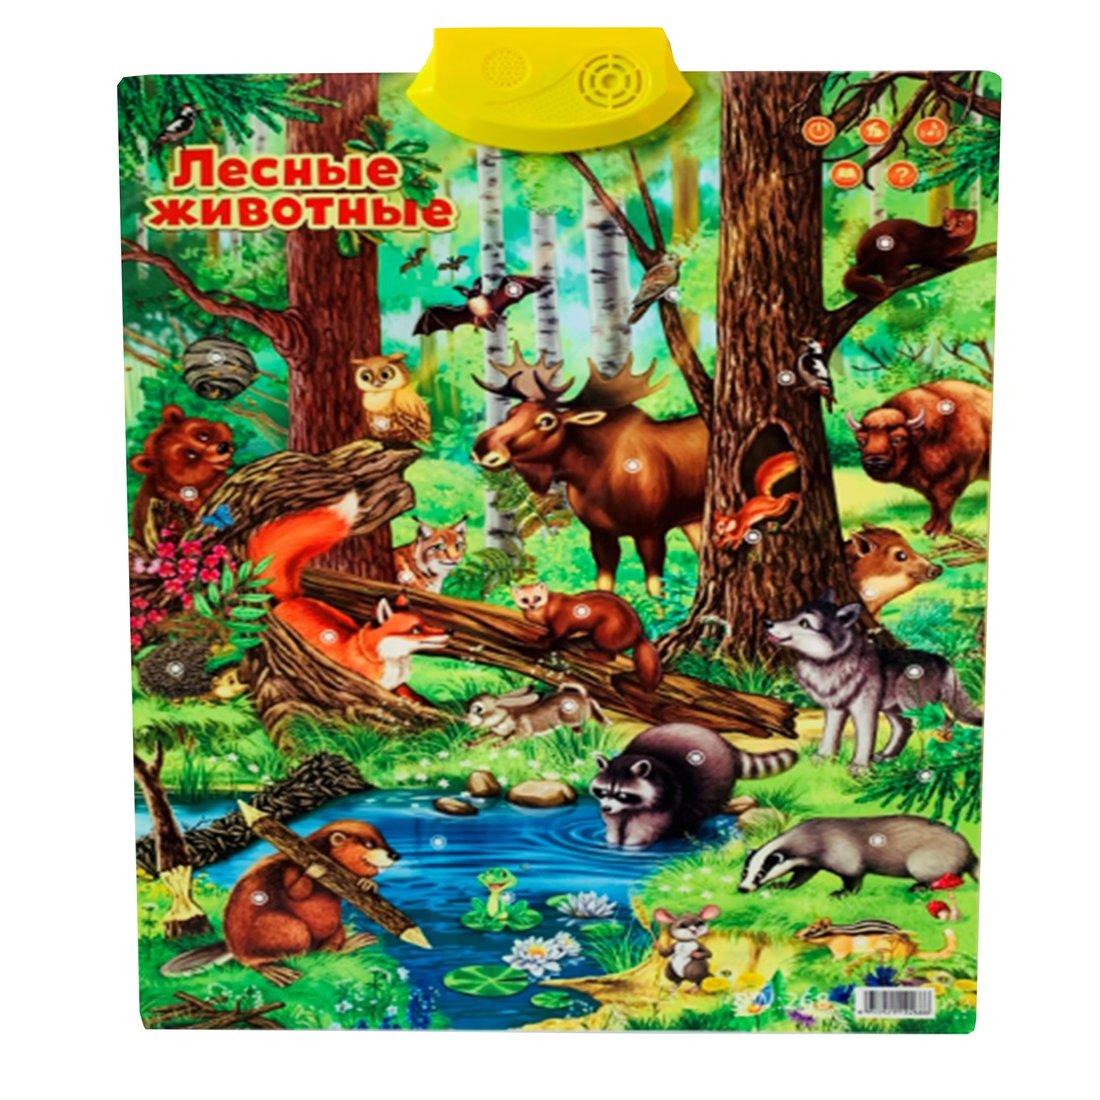 """Обучающий плакат """"Лесные животные"""", звук, эл.пит. ААА*3 не вх.в компл., пакет"""